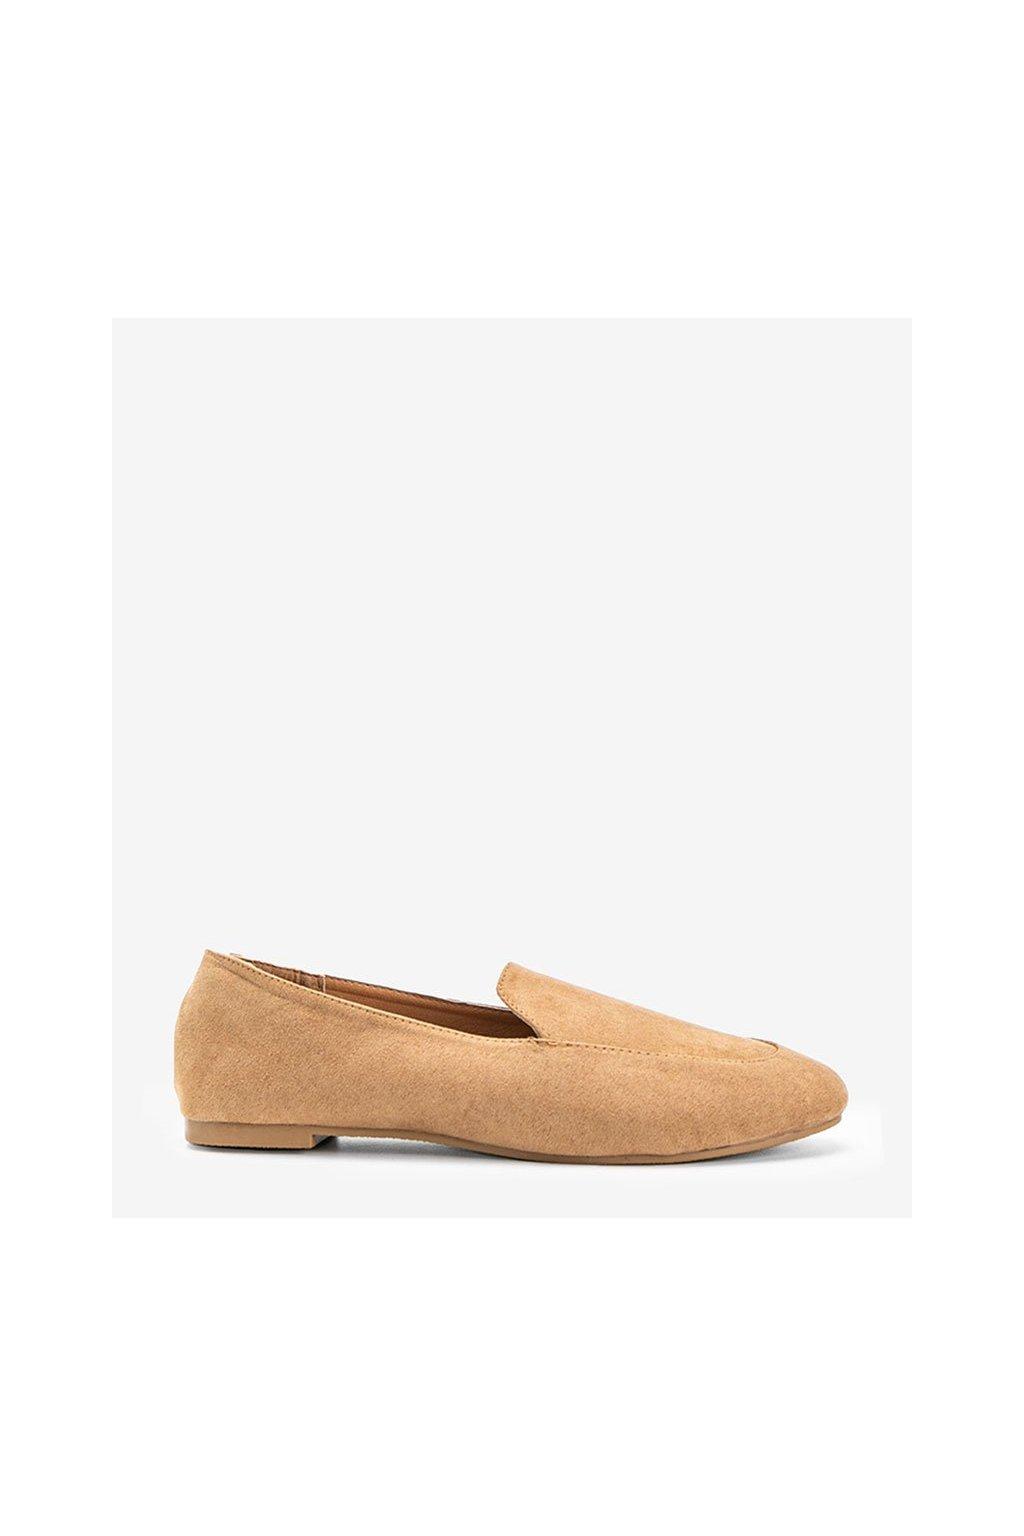 Dámske topánky mokasíny hnedé kód HL-14 - GM